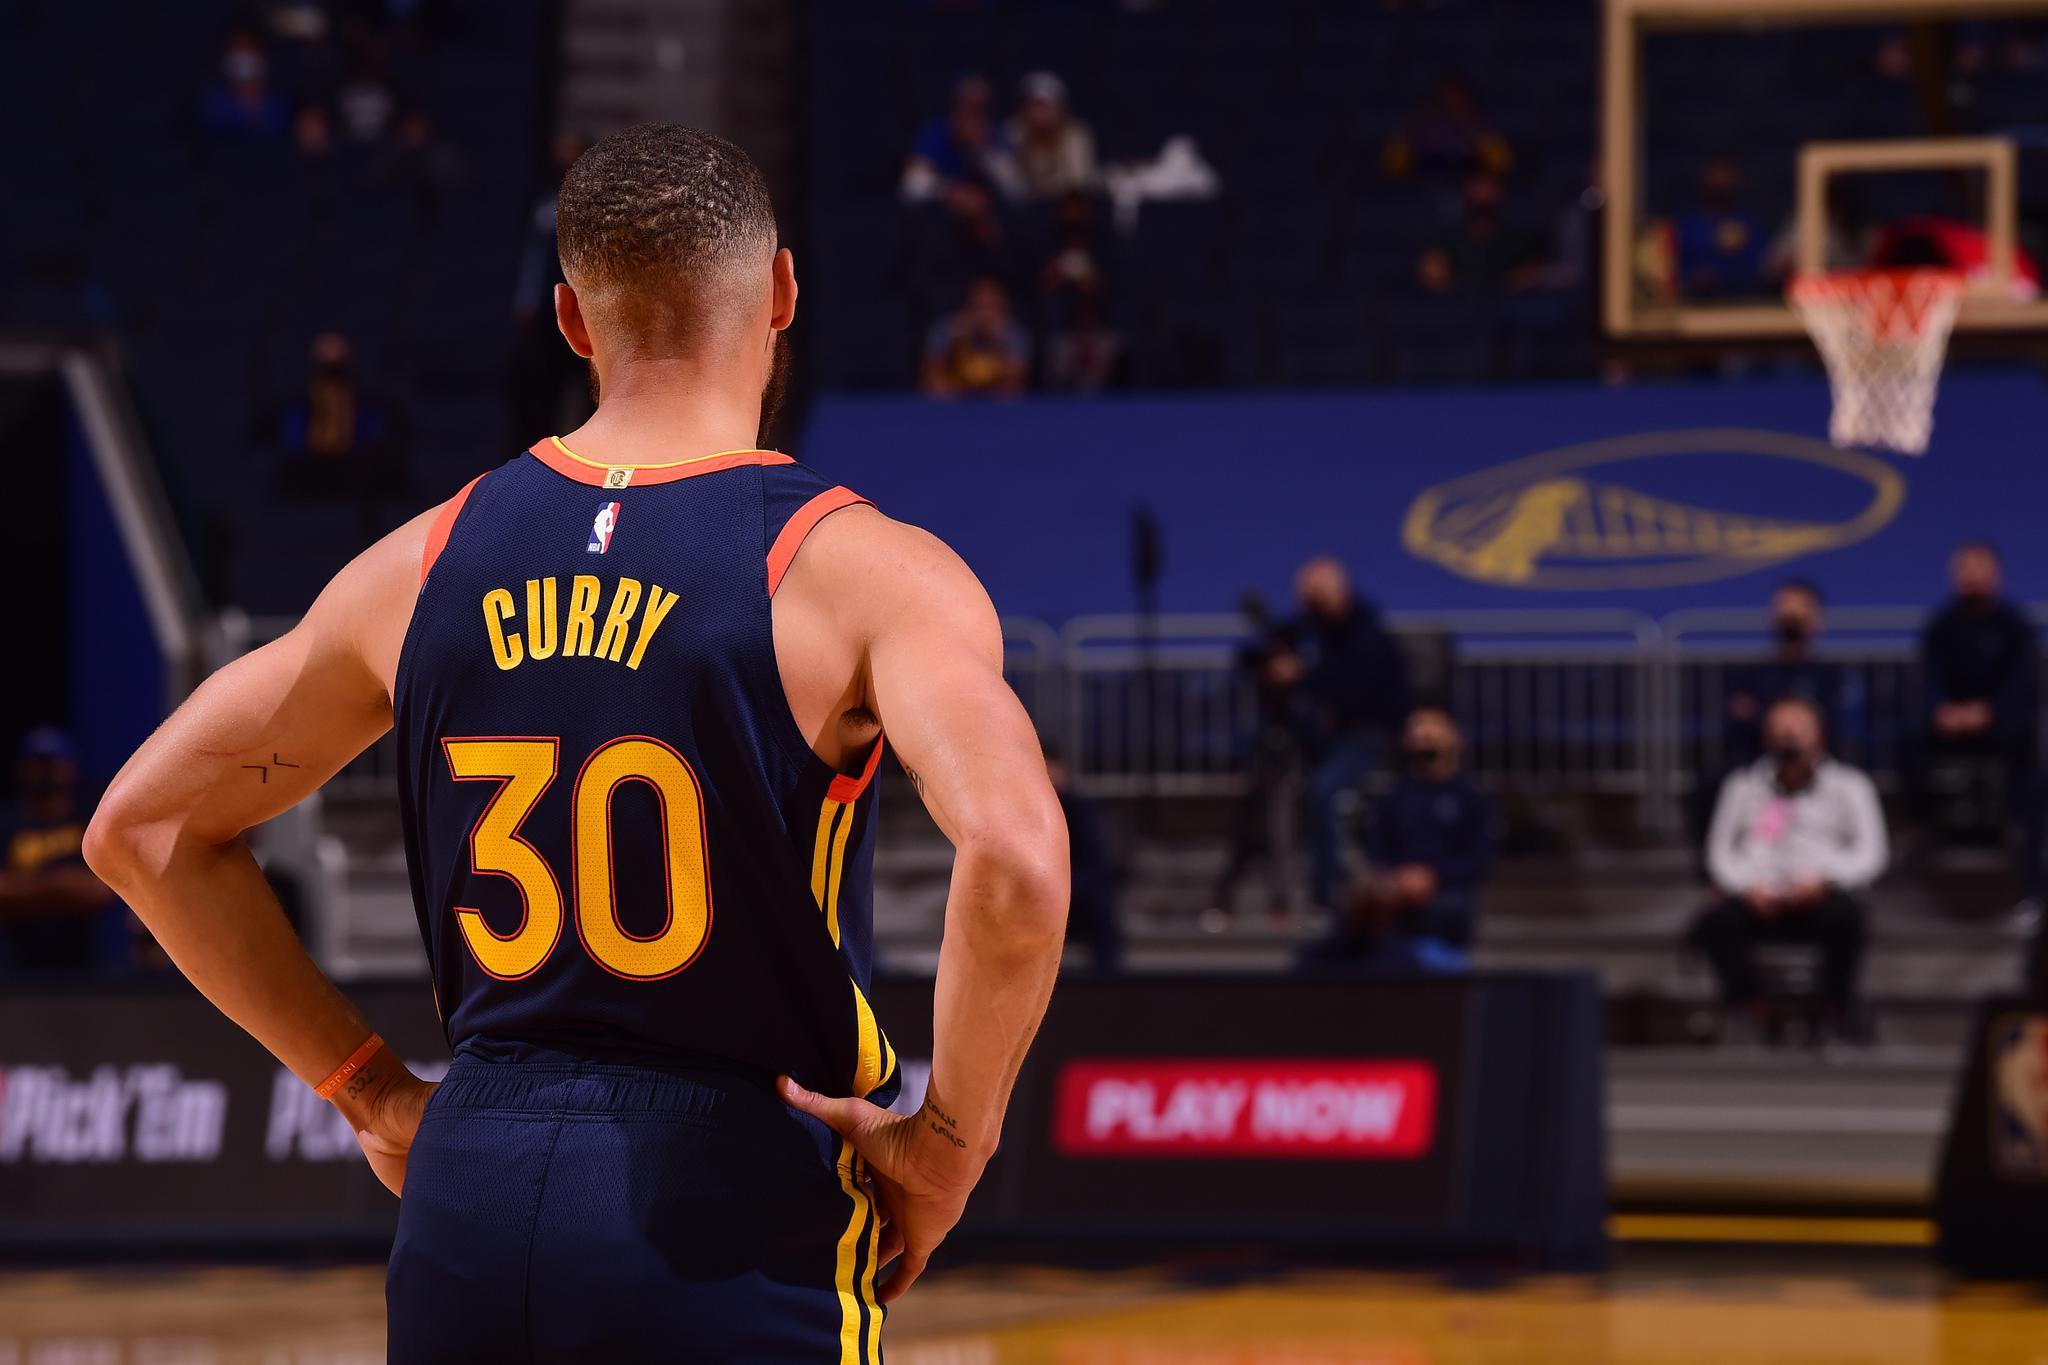 勇士无缘季后赛 但NBA应该感谢库里 他拯救了这个赛季